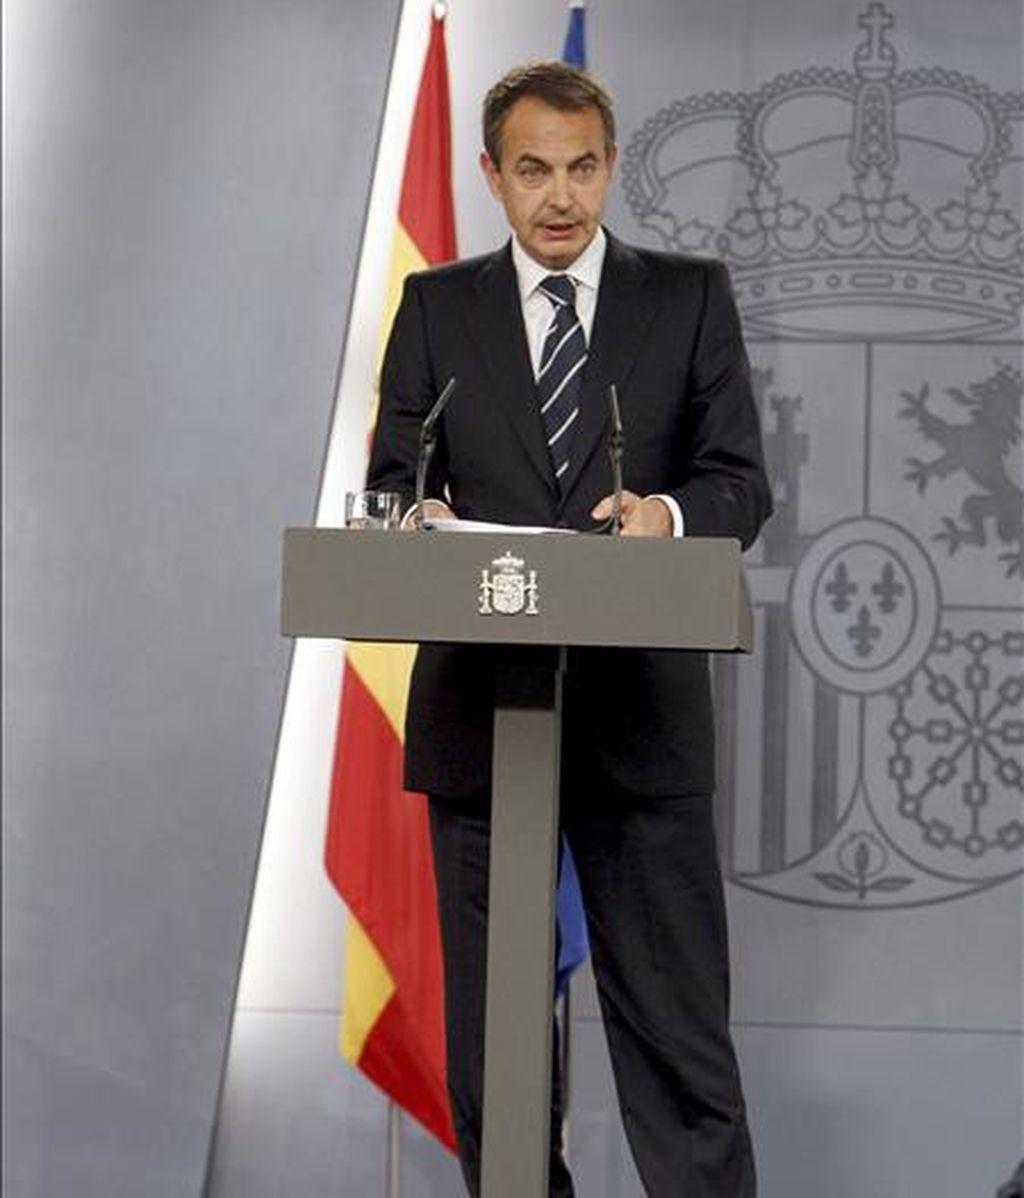 El presidente del Gobierno, José Luis Rodríguez Zapatero, durante la rueda de prensa en la que ha anunciado hoy la remodelación de su Gabinete, tras entrevistarse con el Rey Juan Carlos, para comunicarle los cambios que va a introducir en el Ejecutivo. EFE